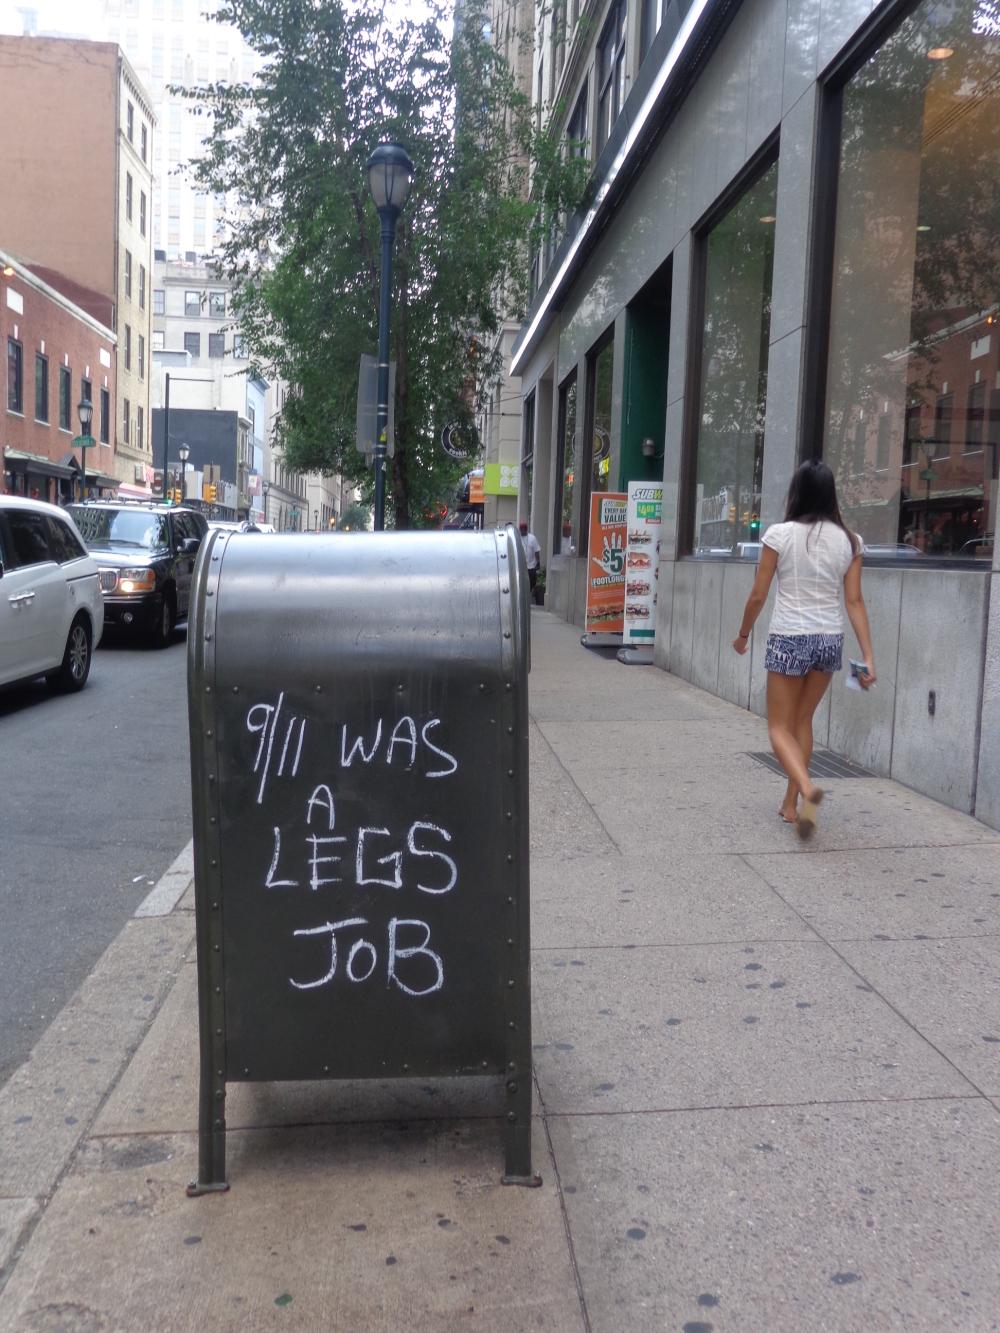 9/11 Was a Legs Job